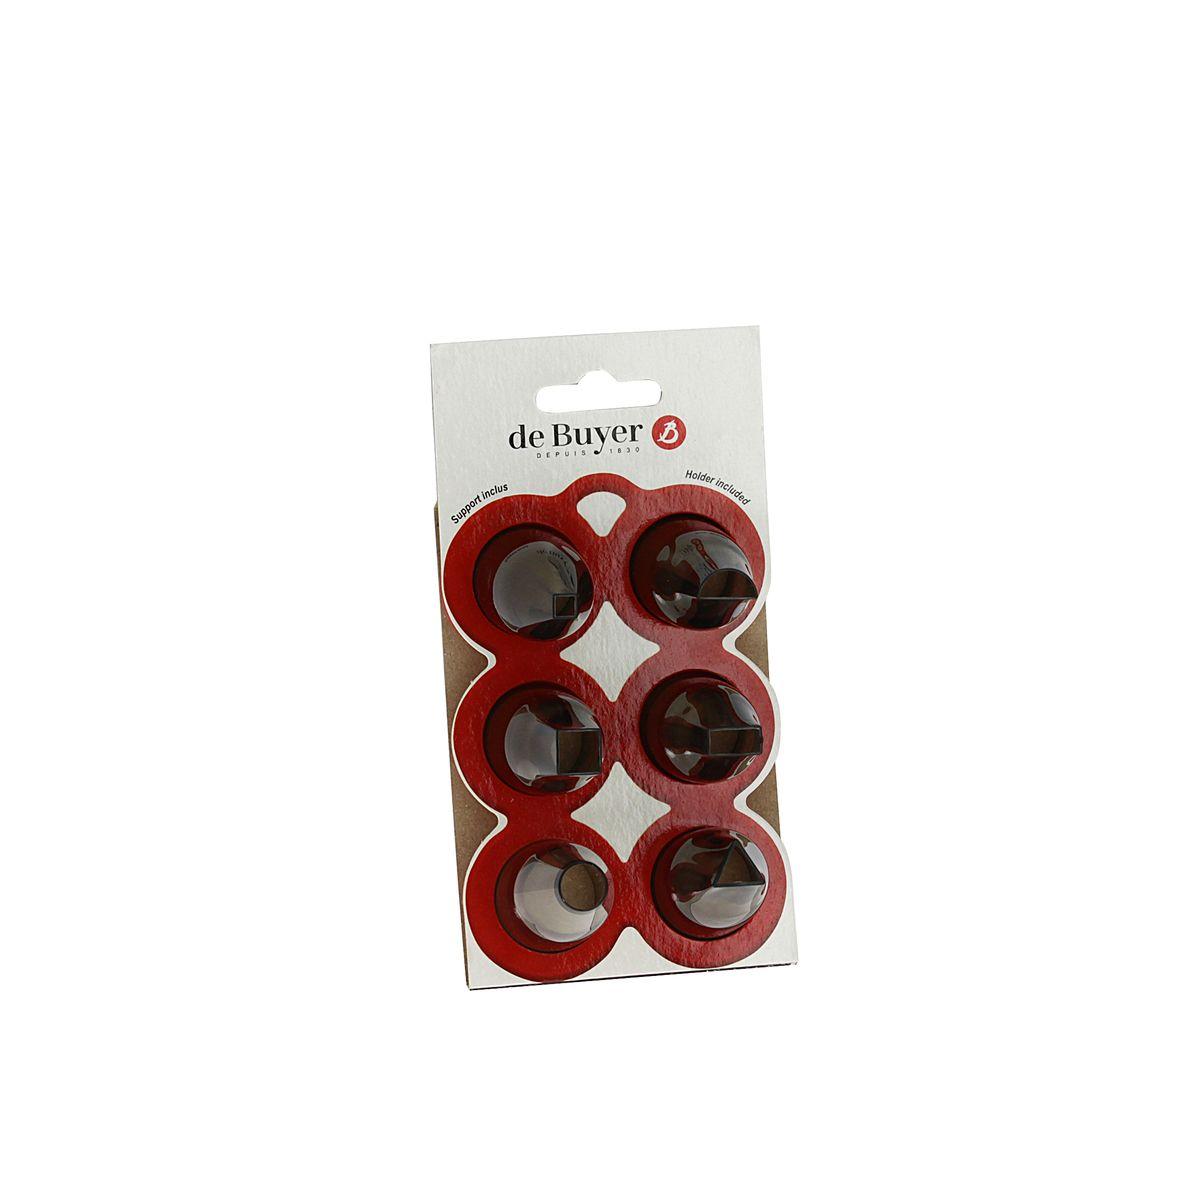 Set de  6 douilles géométriques en tritan : 1 douille ronde (8mm). 2 douilles carrées (5 et 10 mm). 1 douille demi lune (14 mm). 1 douille triangle (10 mm). et 1 douille rectangle (12 mm) - De Buyer